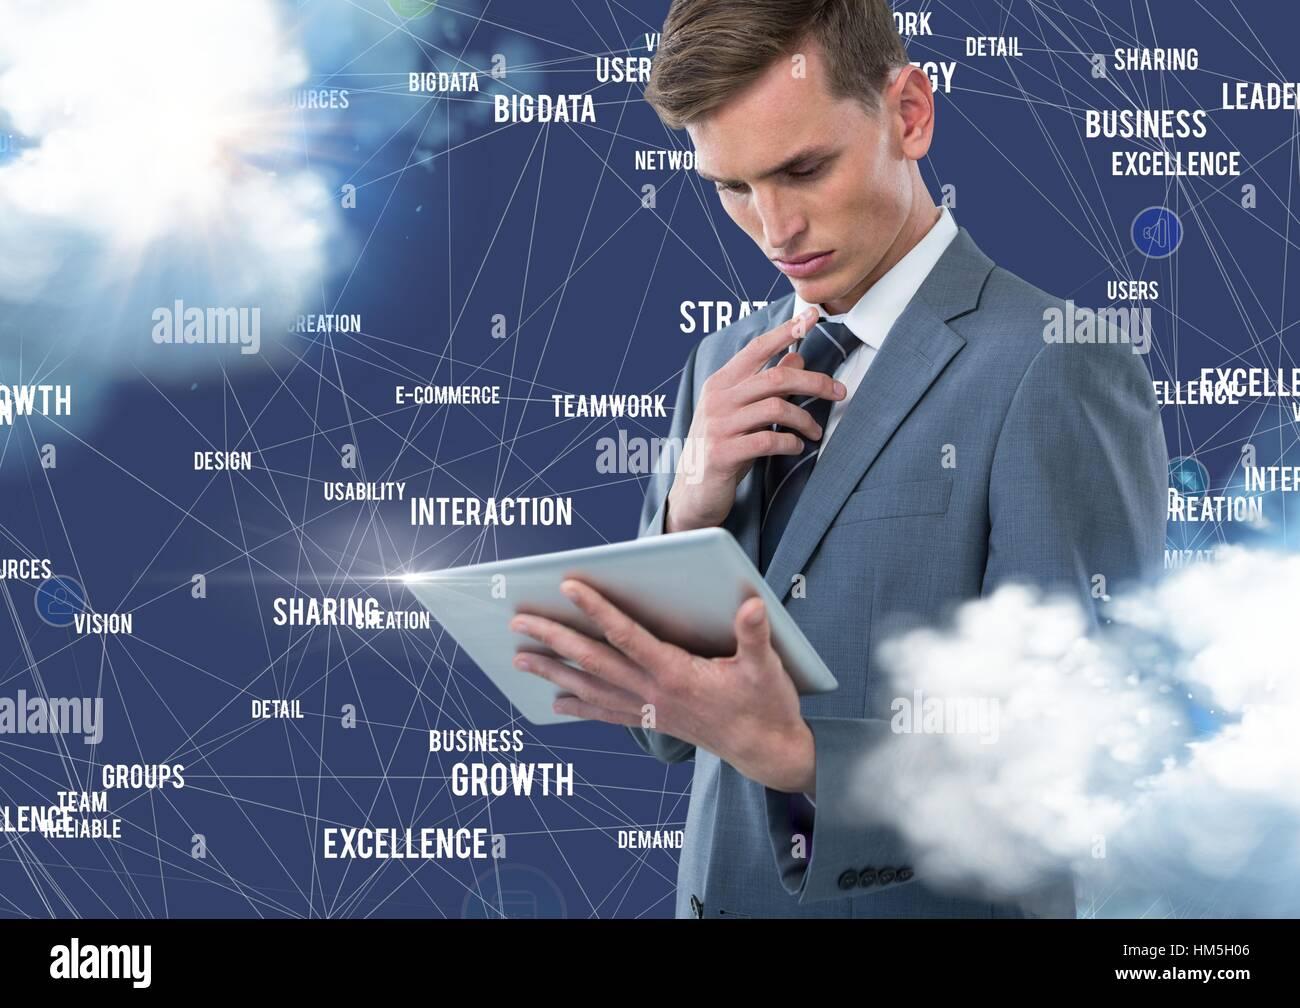 Empresario utilizando tablet digital con iconos de conexión contra el fondo azul con nubes Foto de stock